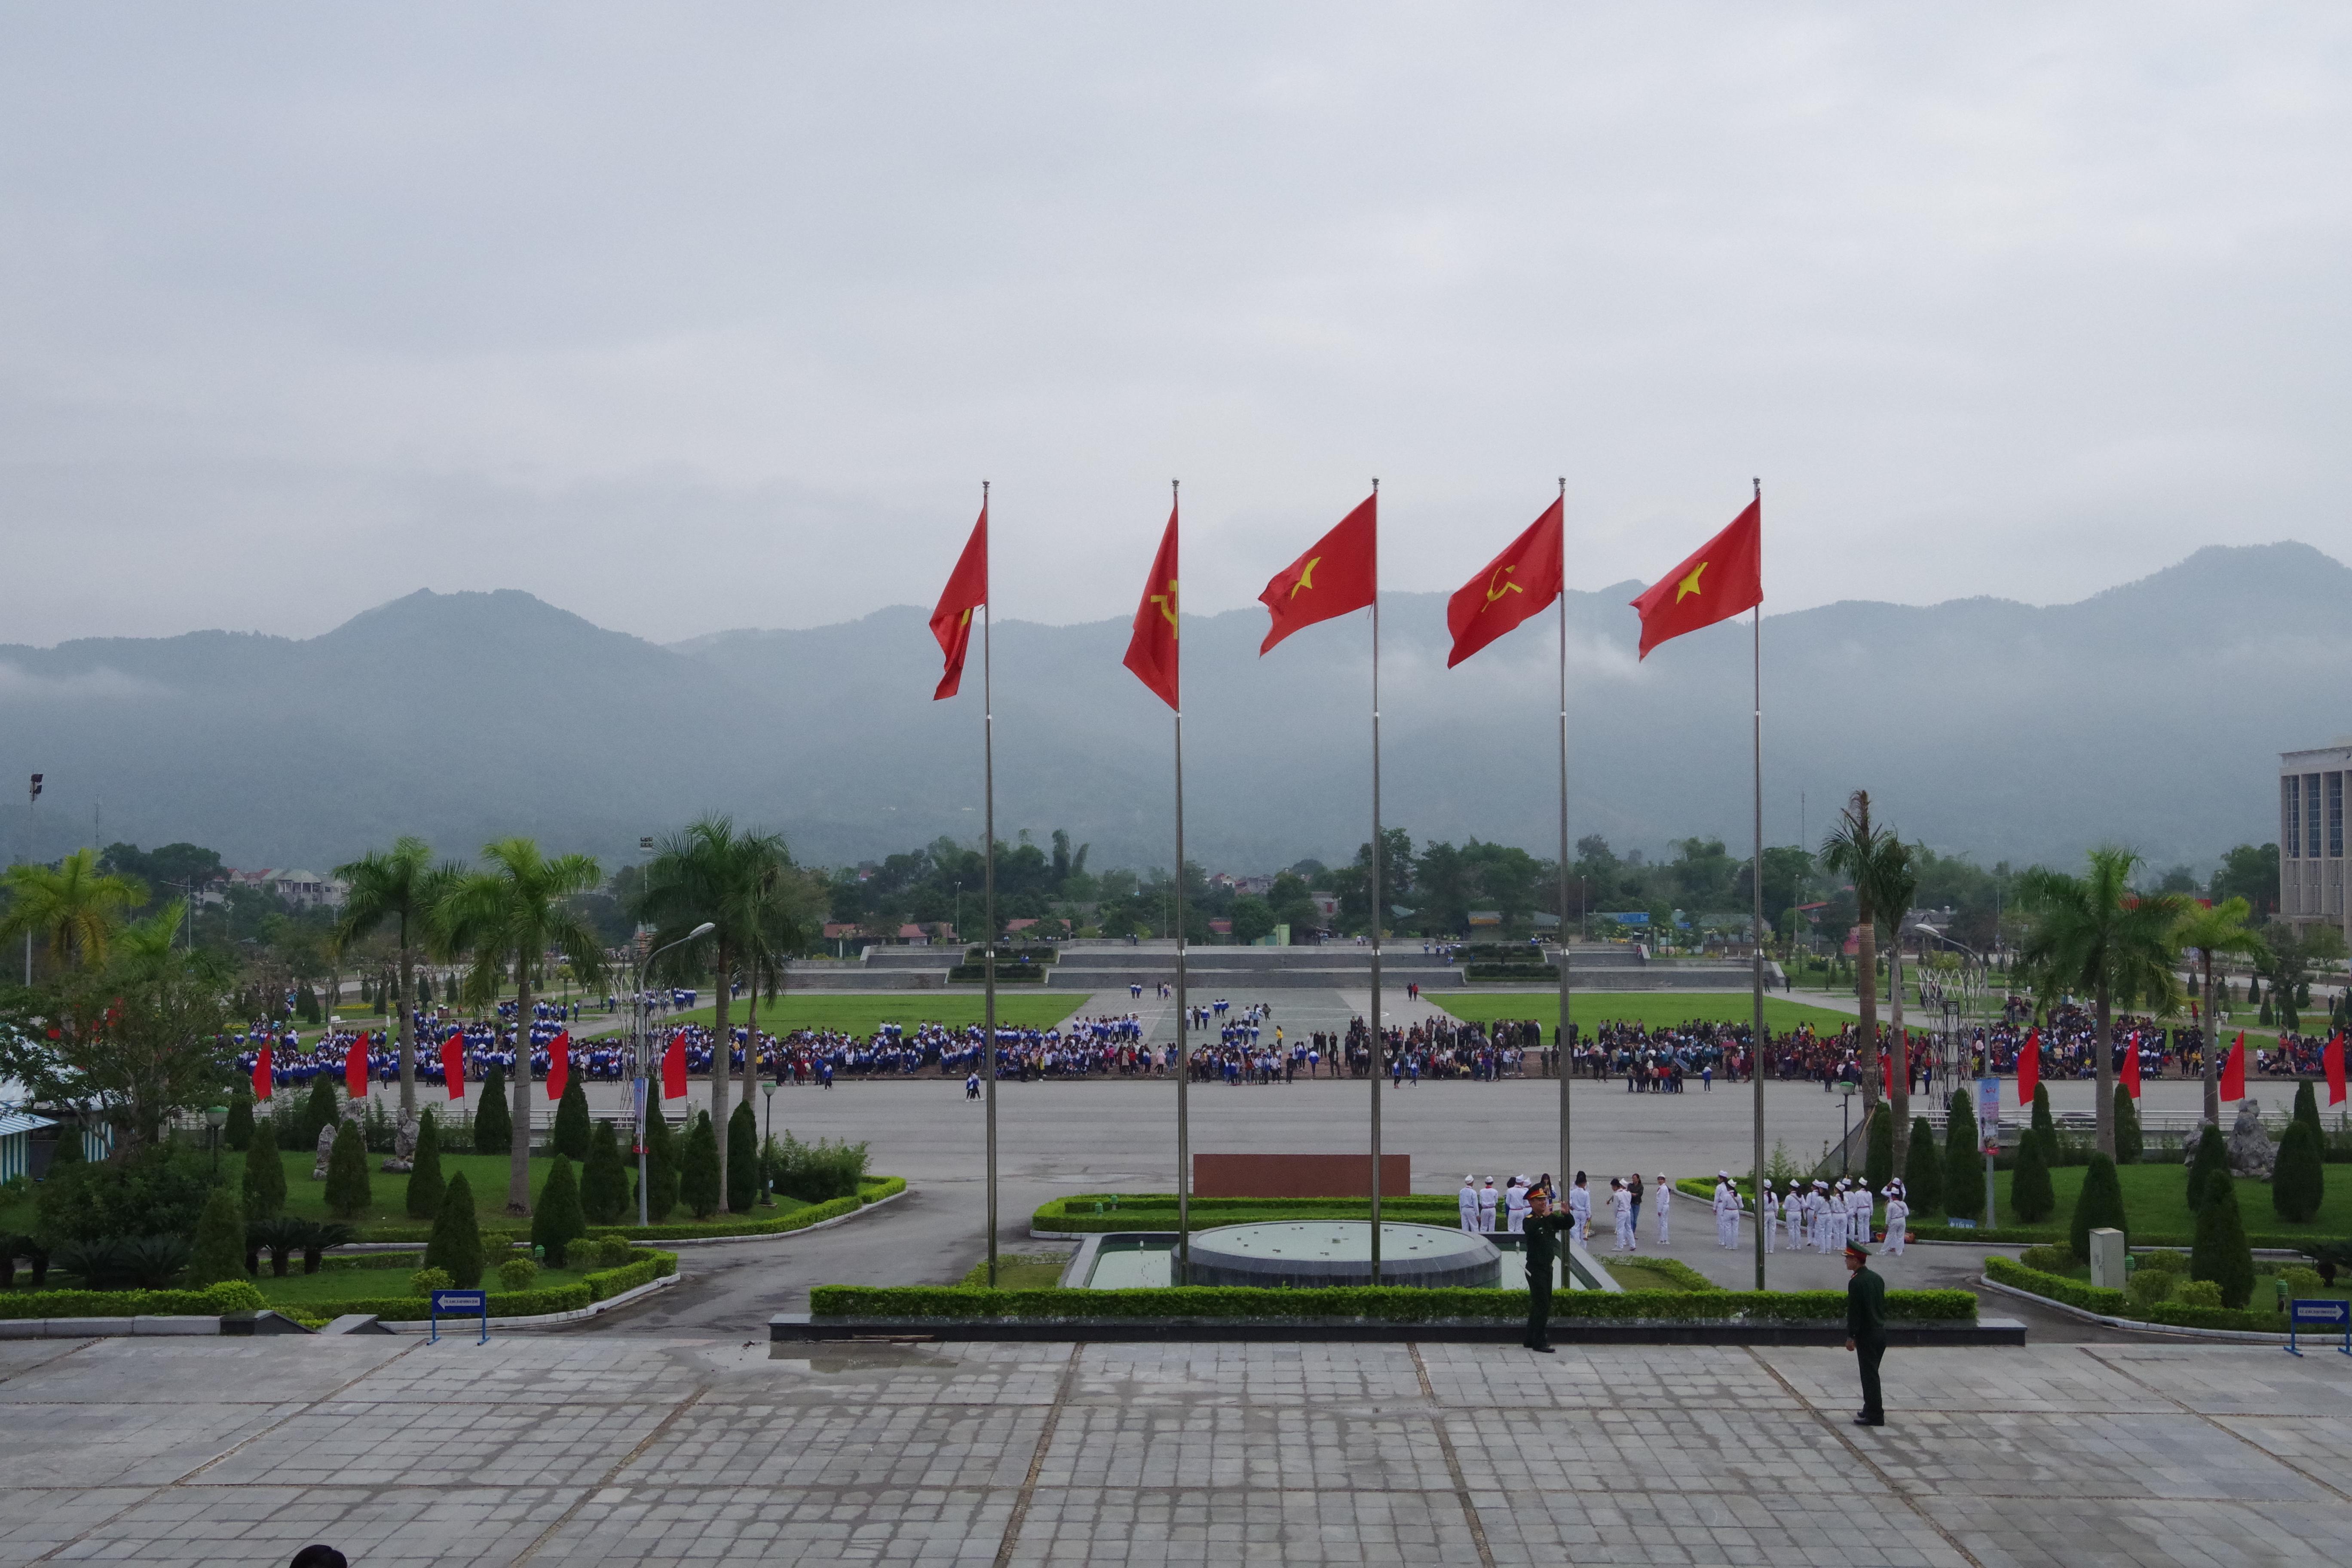 Tổng duyệt chương trình Giao lưu hữu nghị Quốc phòng biên giới Việt Nam -Trung Quốc lần thứ 5